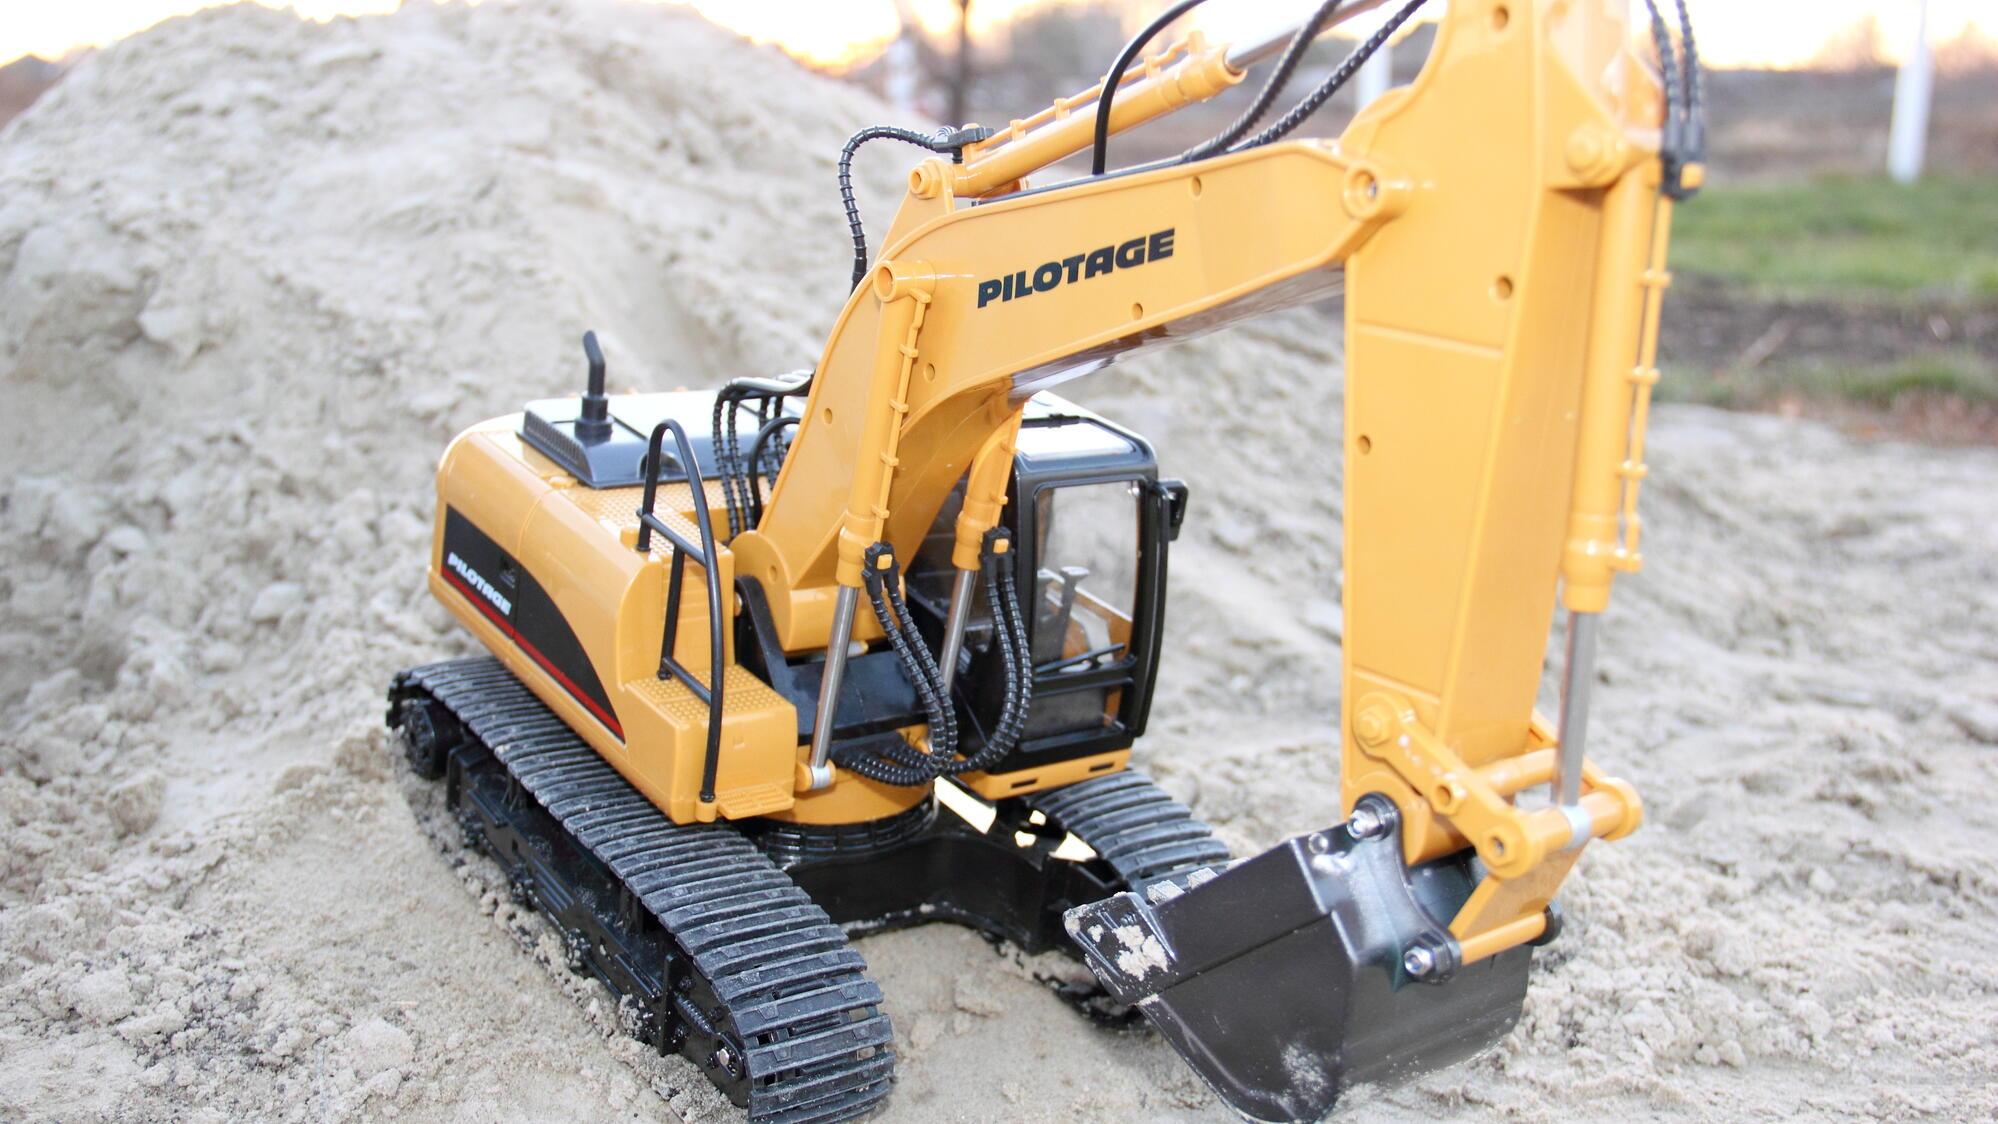 Personalnyy blog - Radioupravlyaemaya model vnedorozhnika RC Die-cast Excavator Pilotage RC47809